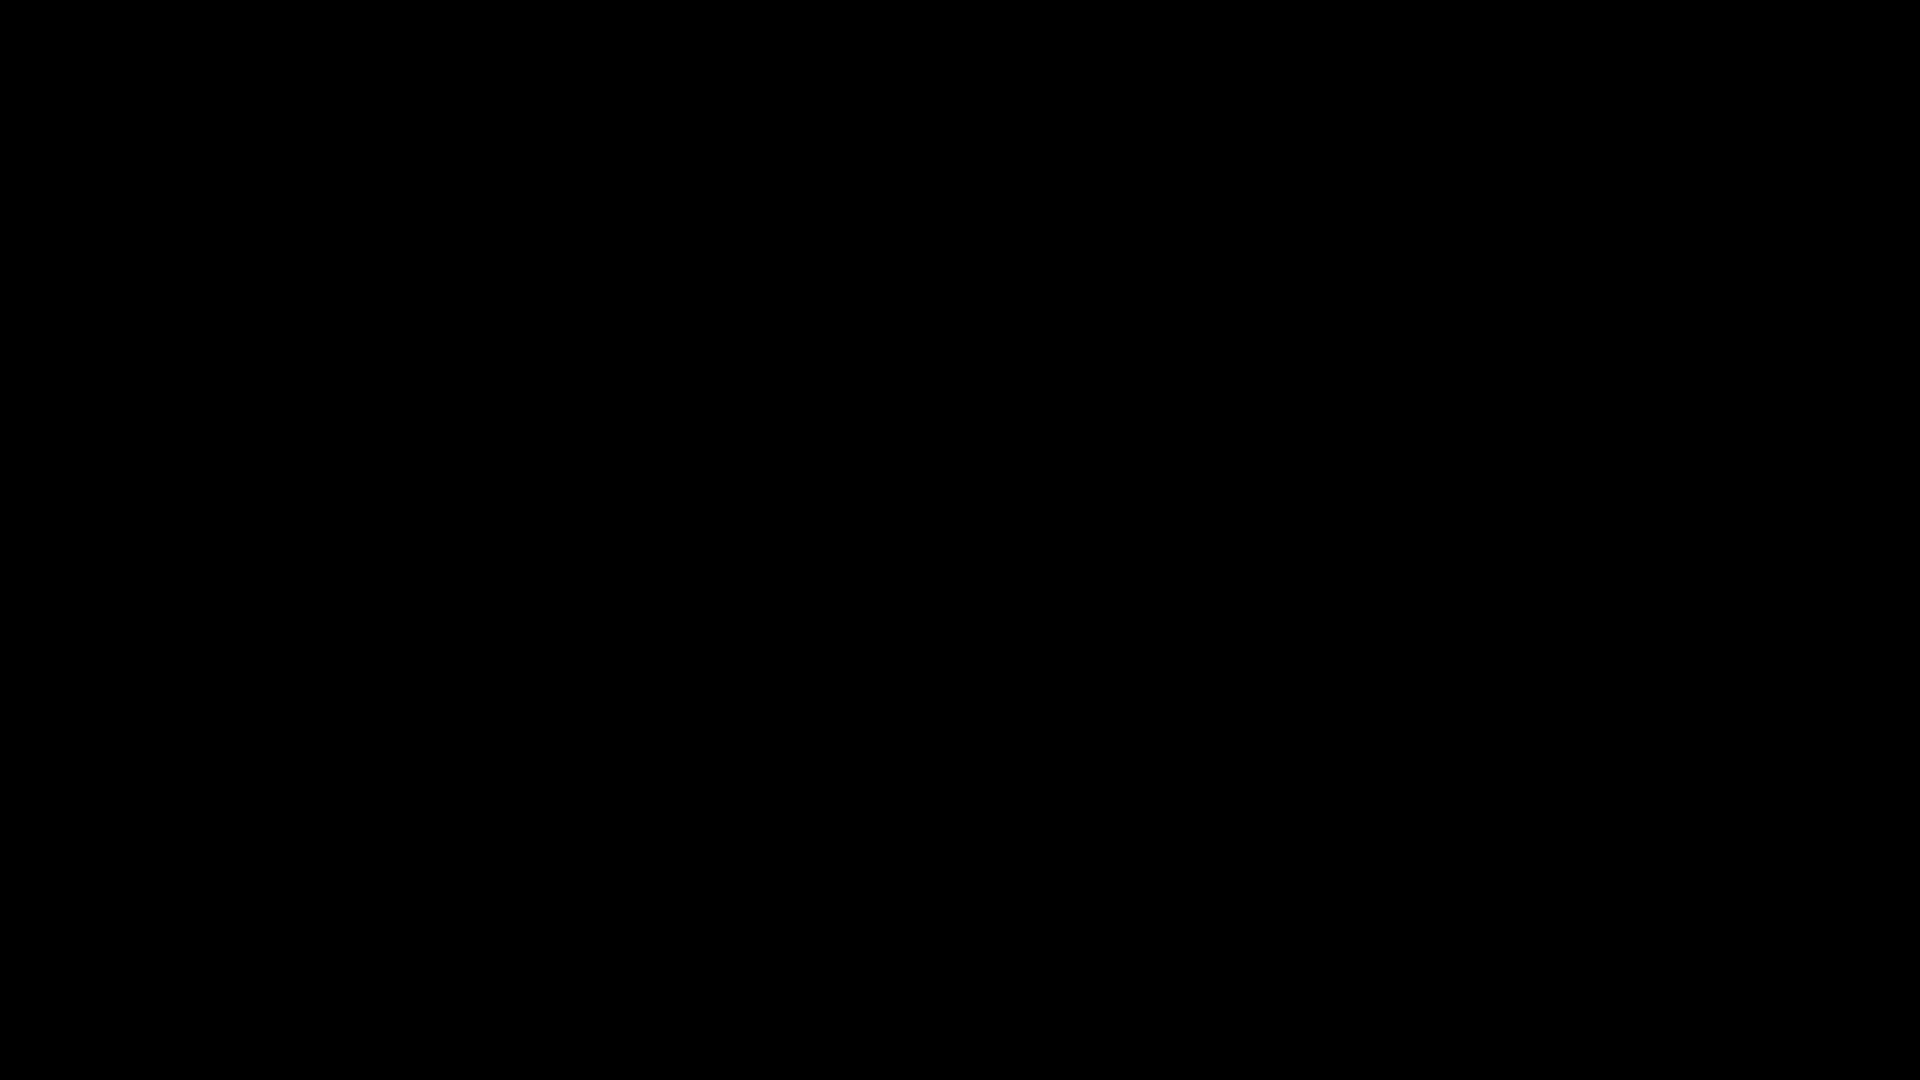 logo-mpg.png